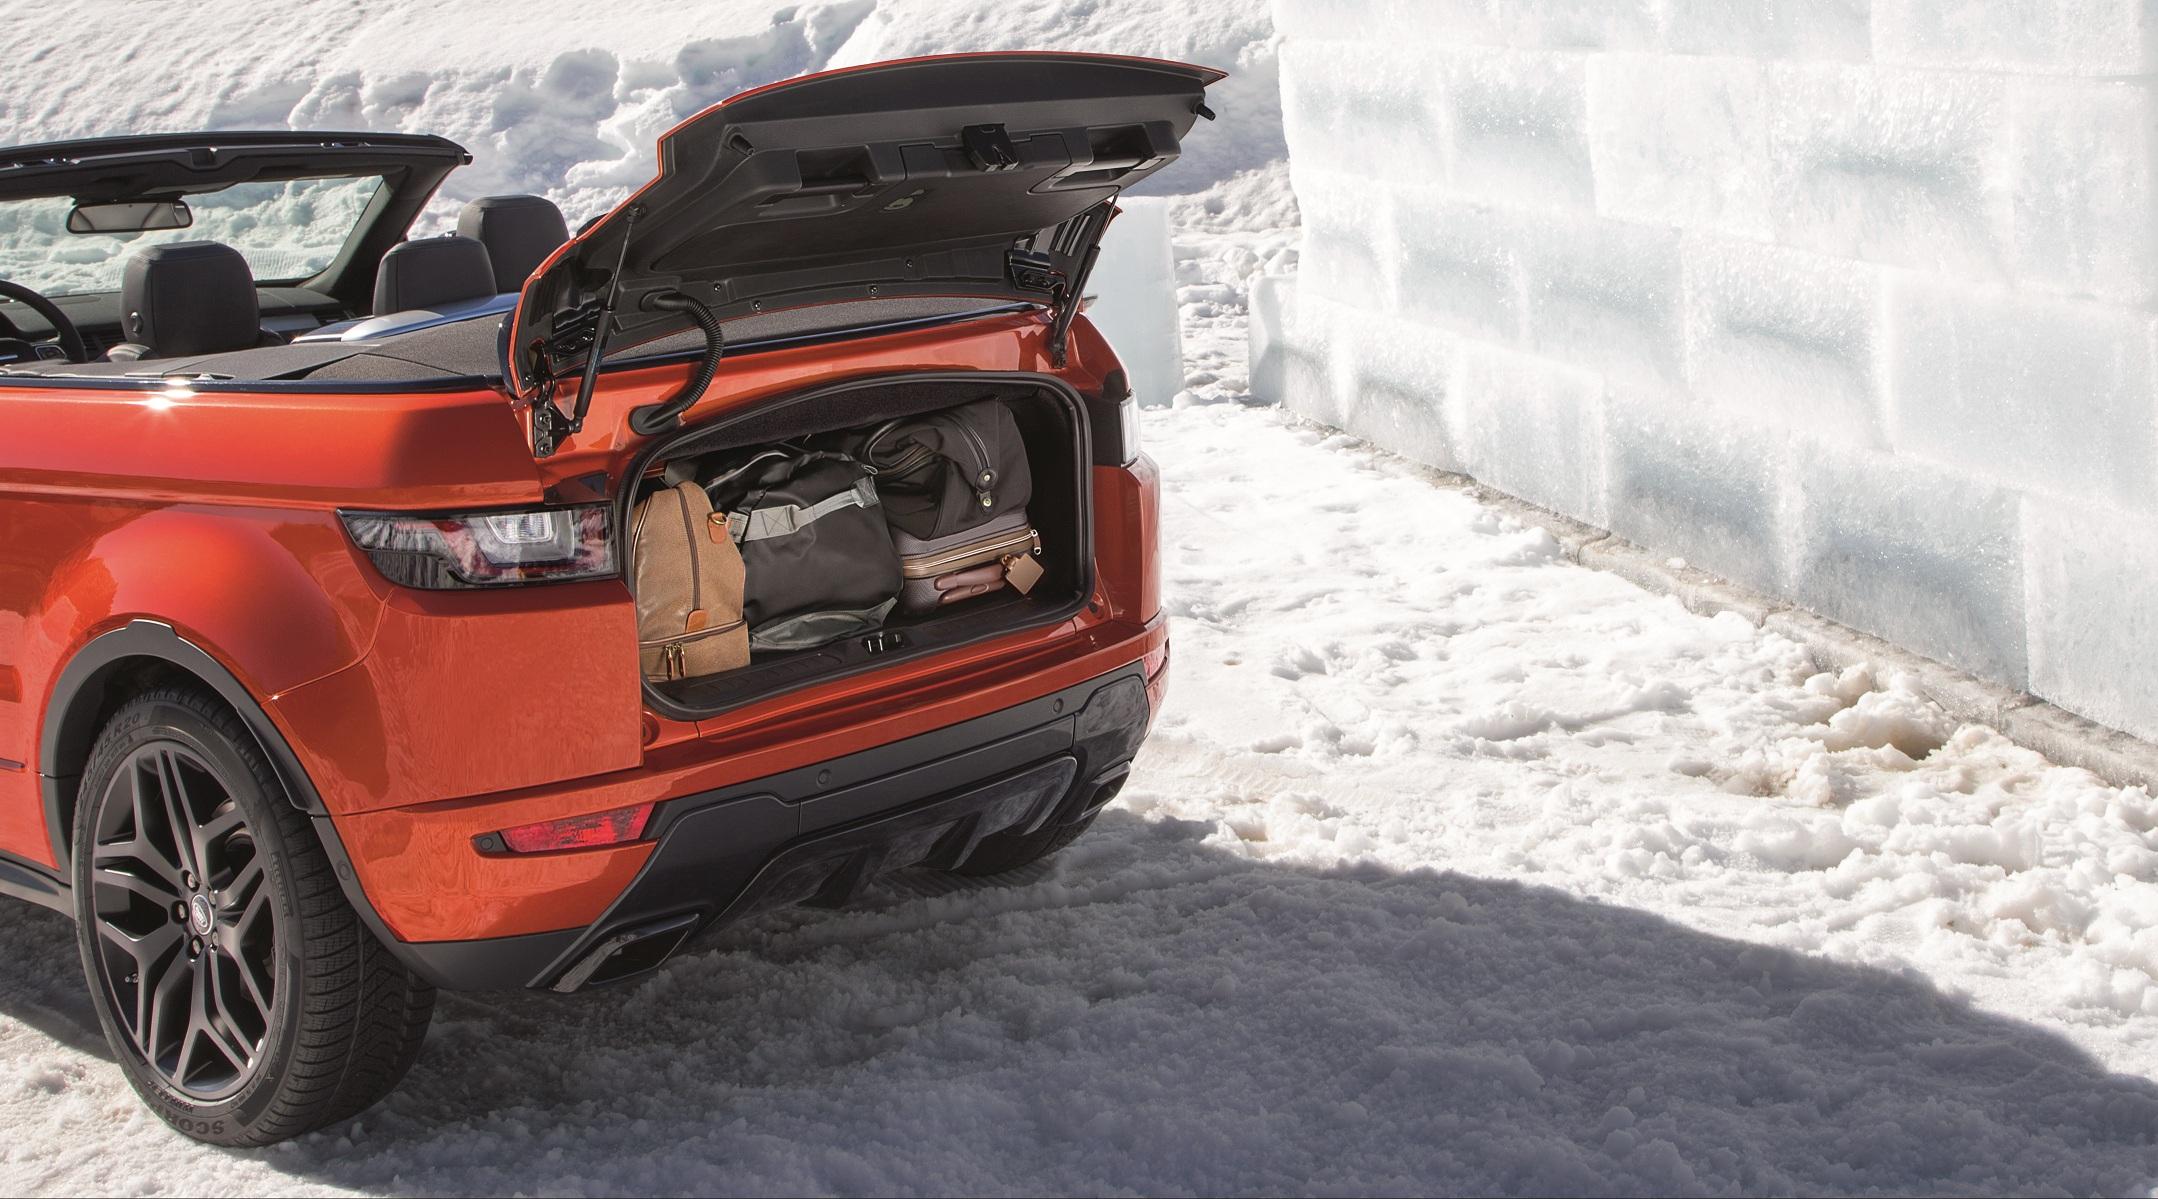 land rover range rover evoque cabriolet officiel. Black Bedroom Furniture Sets. Home Design Ideas